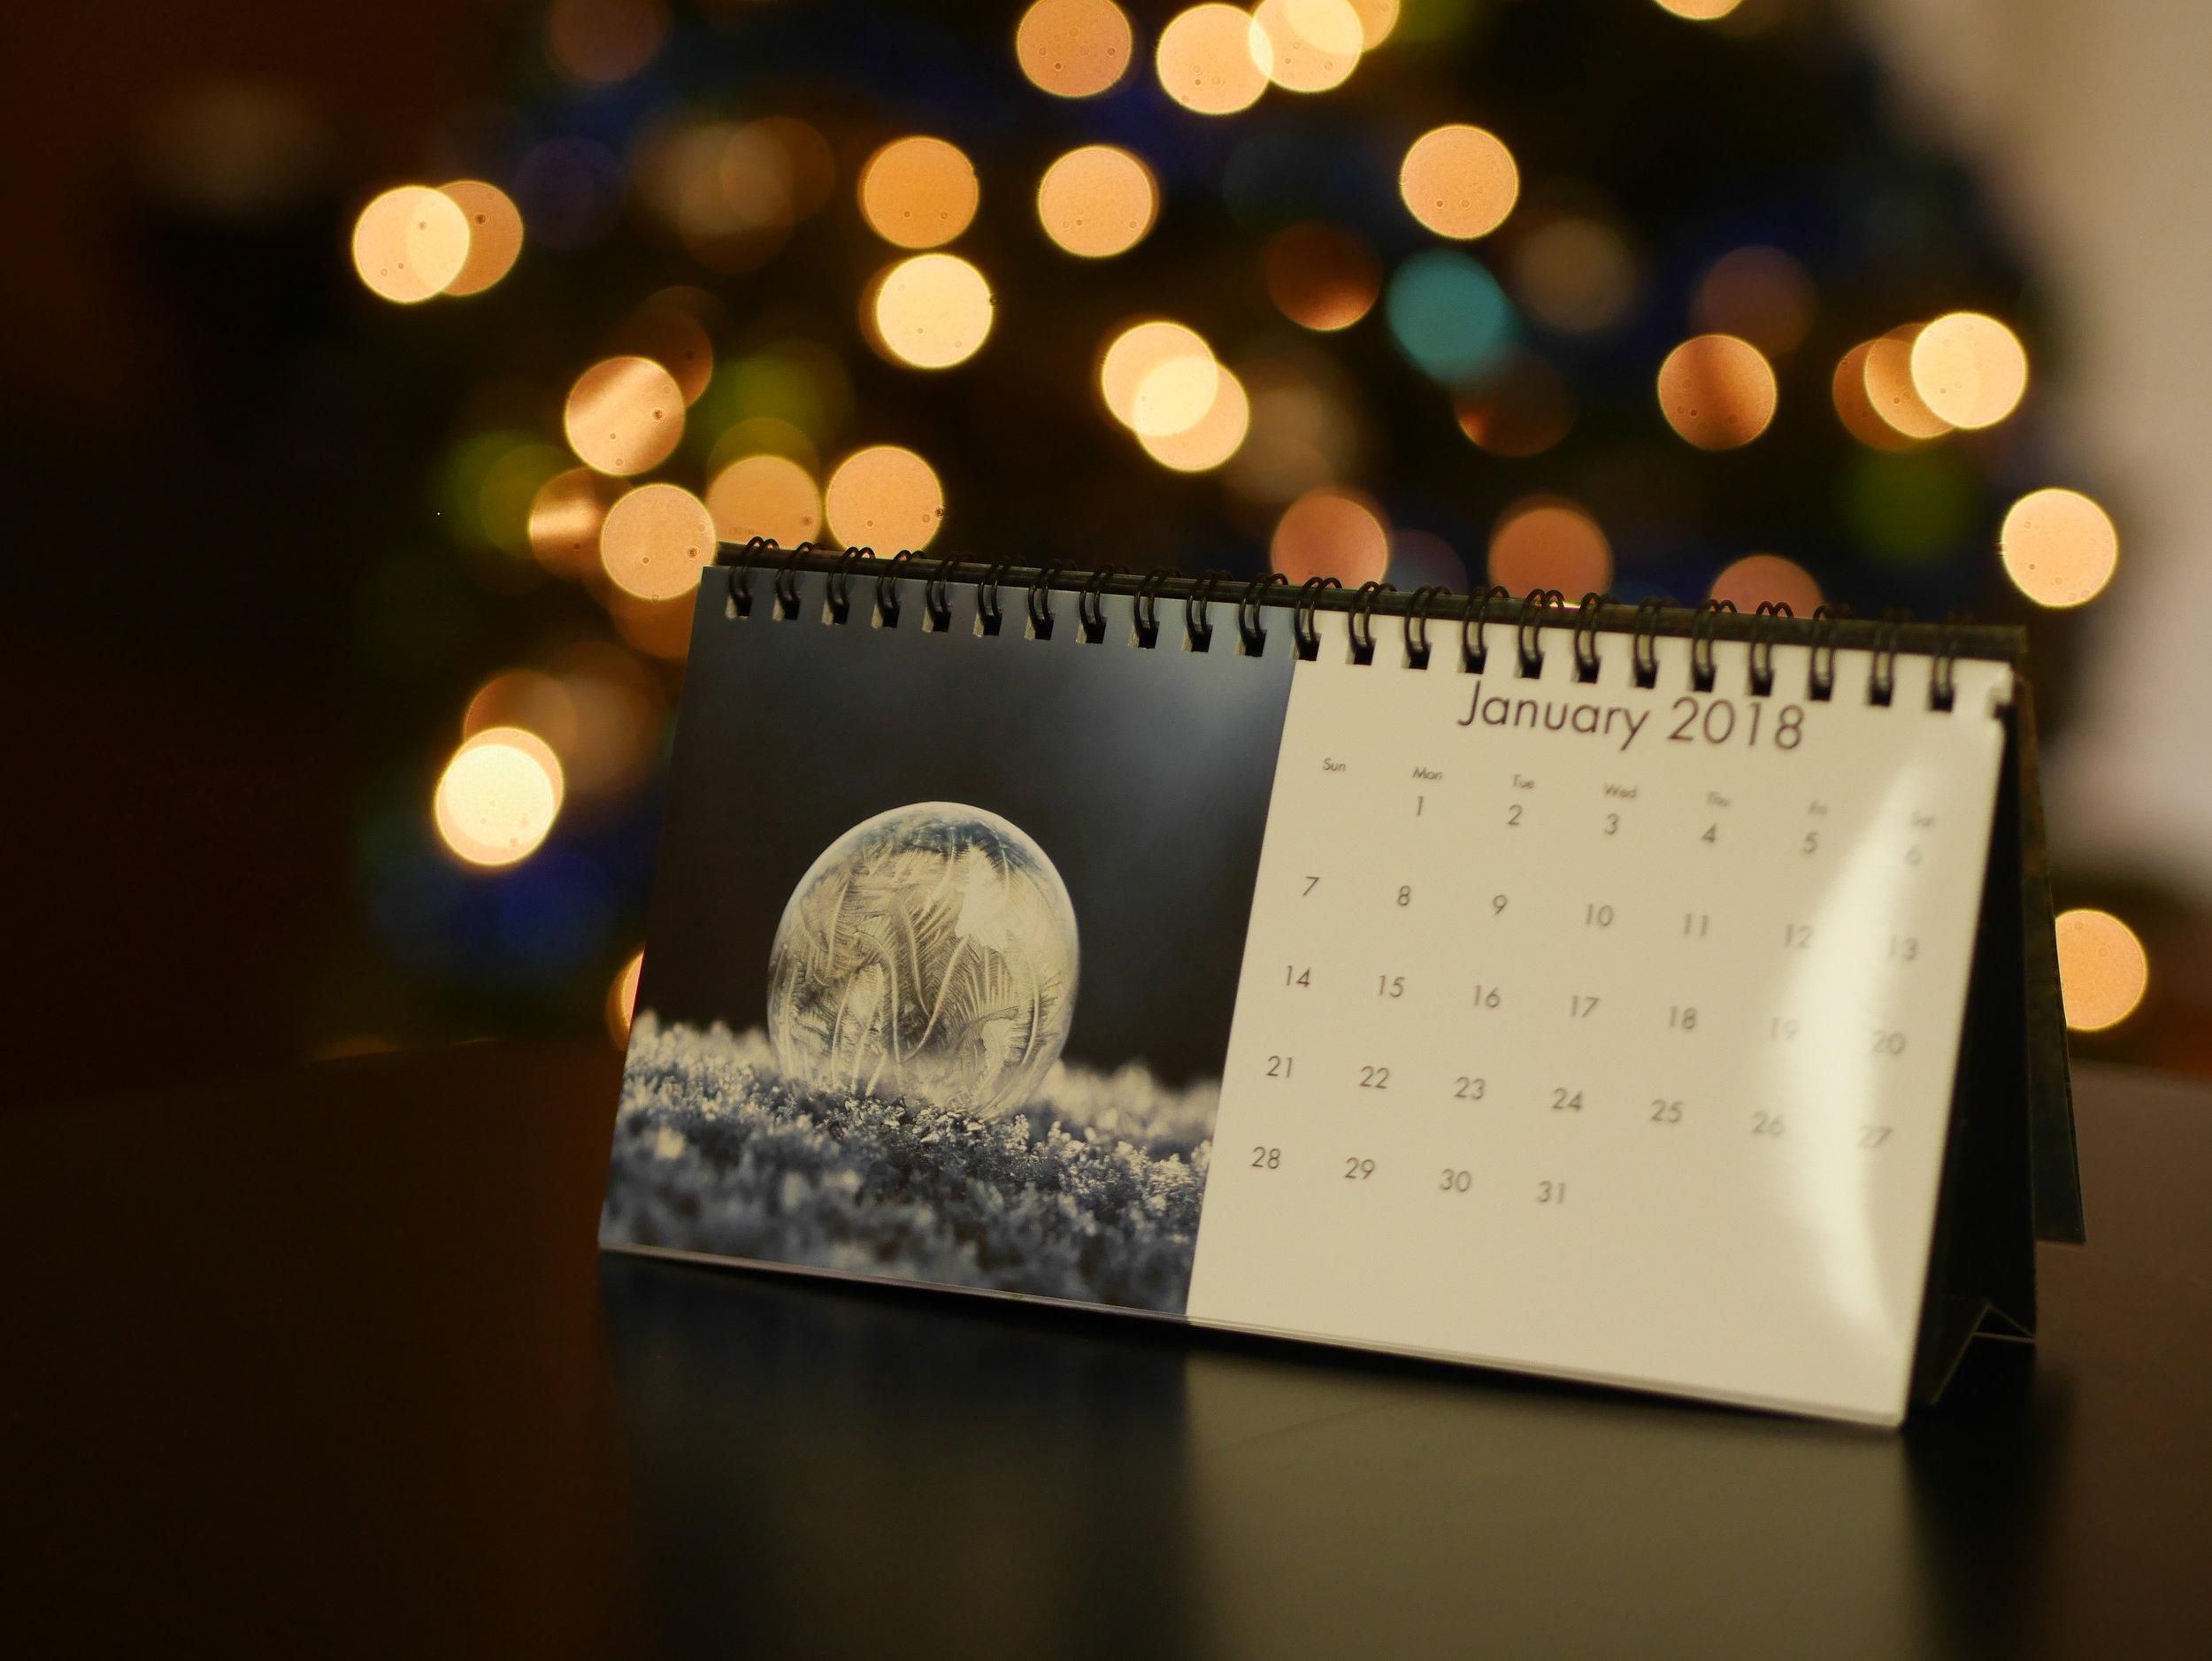 2018 Calendar - by Aaron Burden